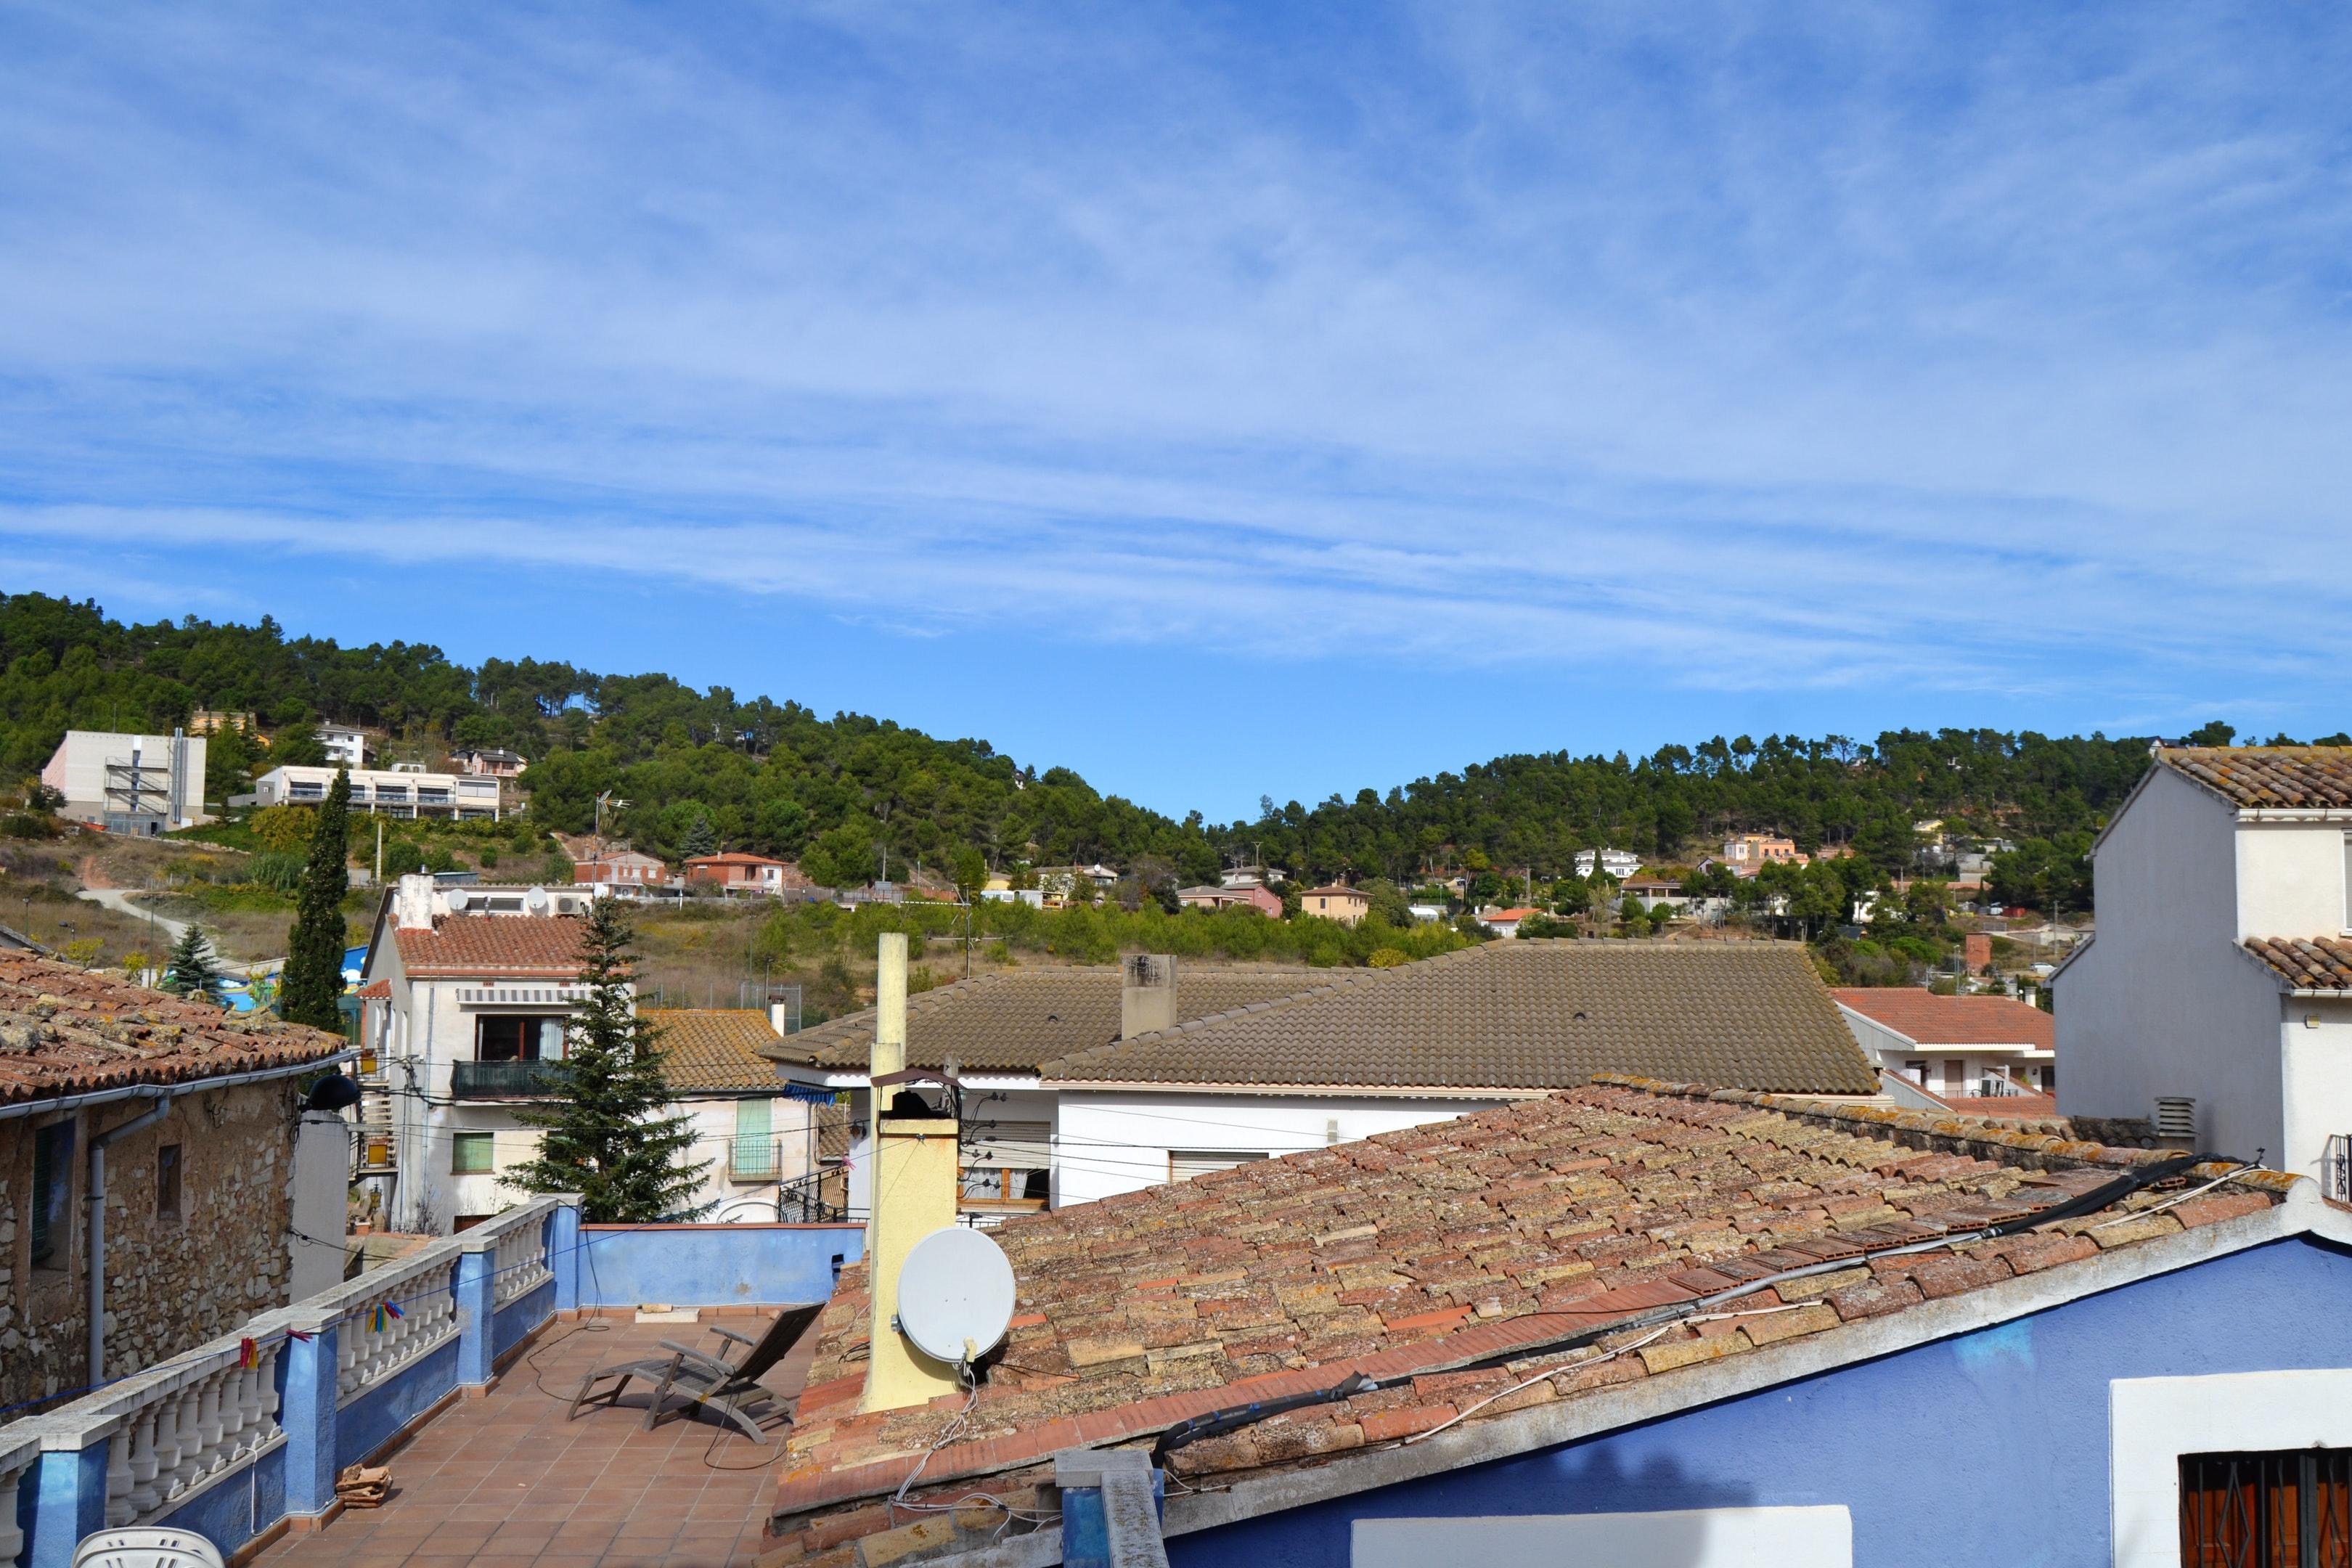 Ferienhaus Haus mit 4 Schlafzimmern in Sant Pere Sacarrera mit toller Aussicht auf die Berge, möblier (2217248), Sant Pere Sacarrera, Barcelona, Katalonien, Spanien, Bild 25